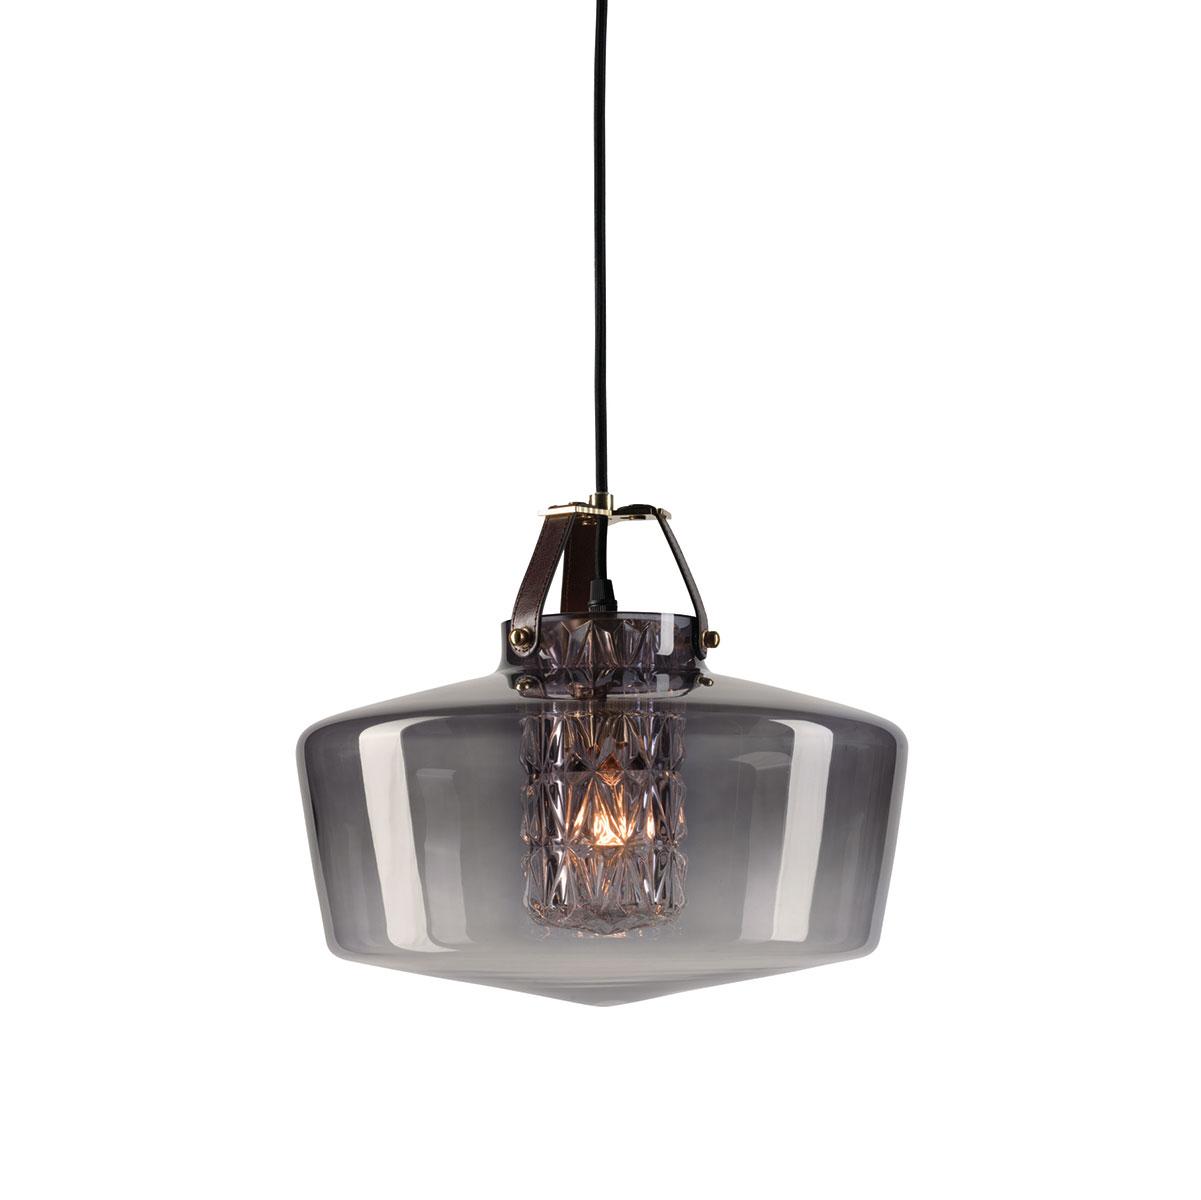 suspension verre couleur chez 1 marchands. Black Bedroom Furniture Sets. Home Design Ideas